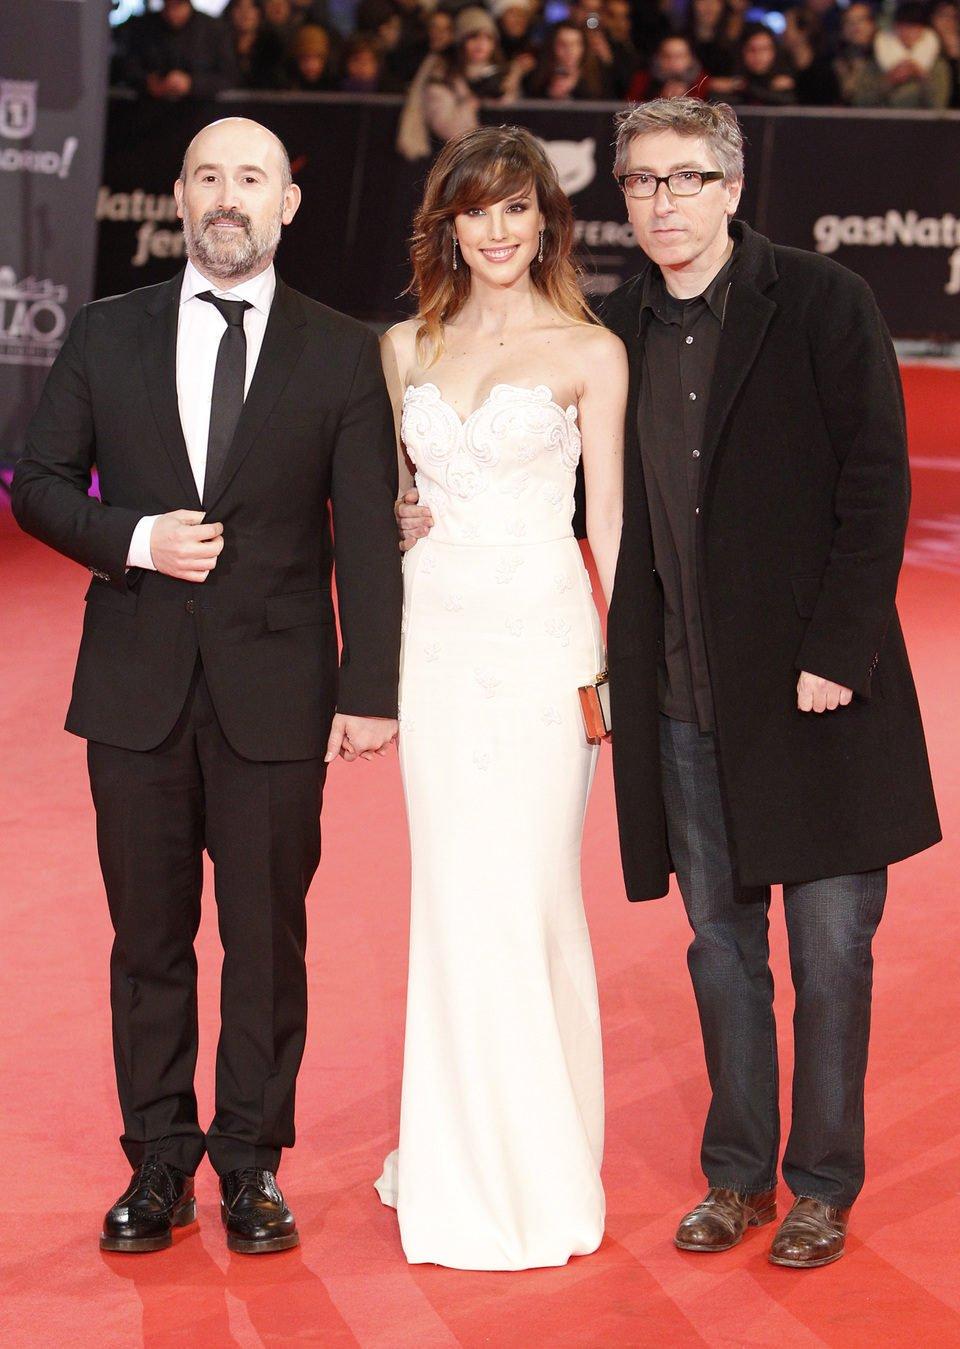 Javier Cámara, Natalia de Molina y David Trueba en los Premios Feroz 2014